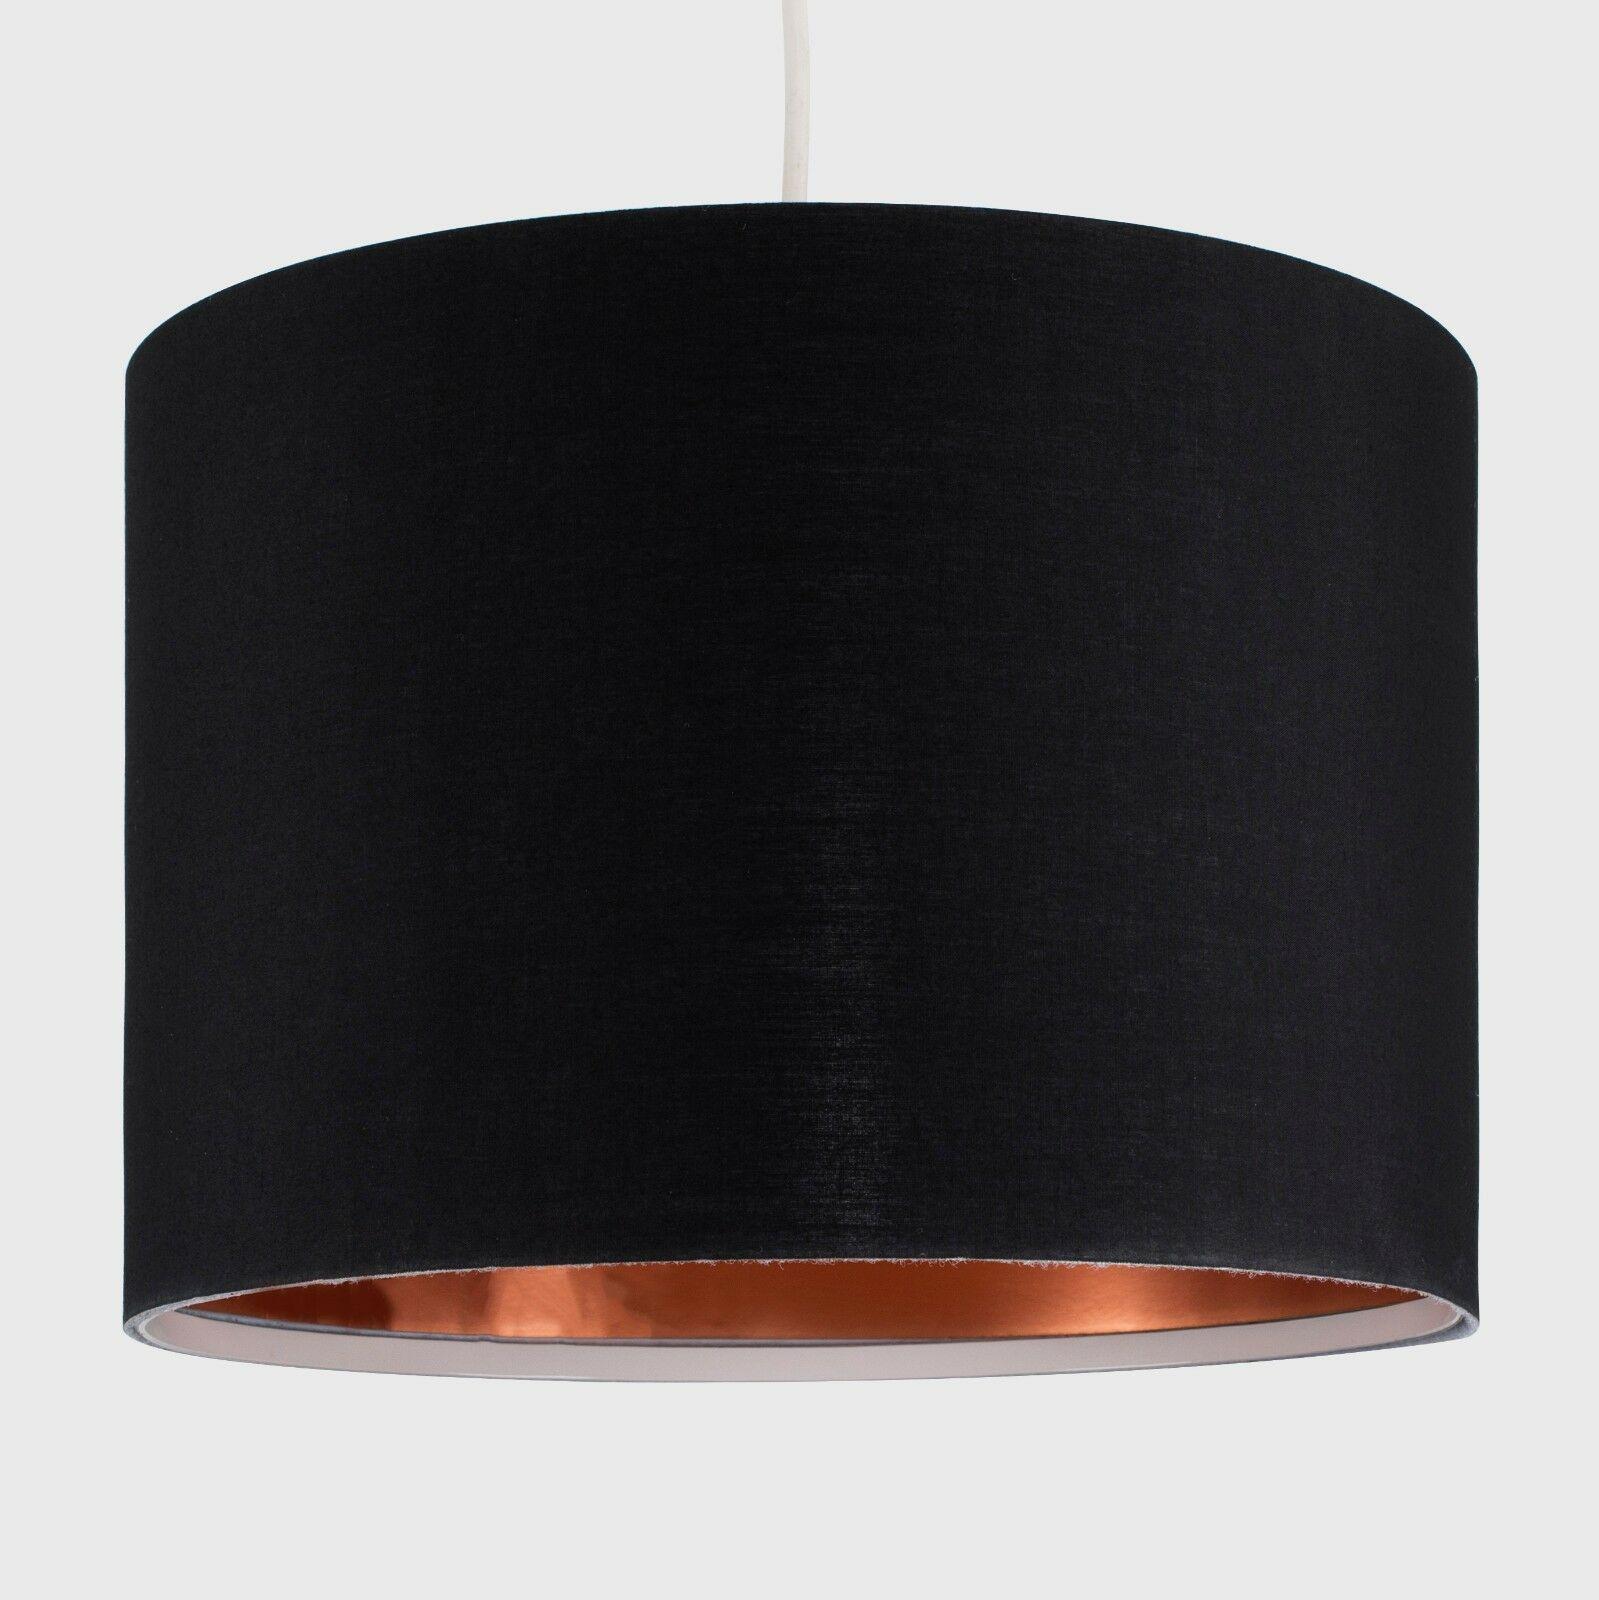 Modern-in-tessuto-cotone-Easy-Fit-Soffitto-Ciondolo-Luce-a-tamburo-Tonalita-Tavolo-Paralume miniatura 33